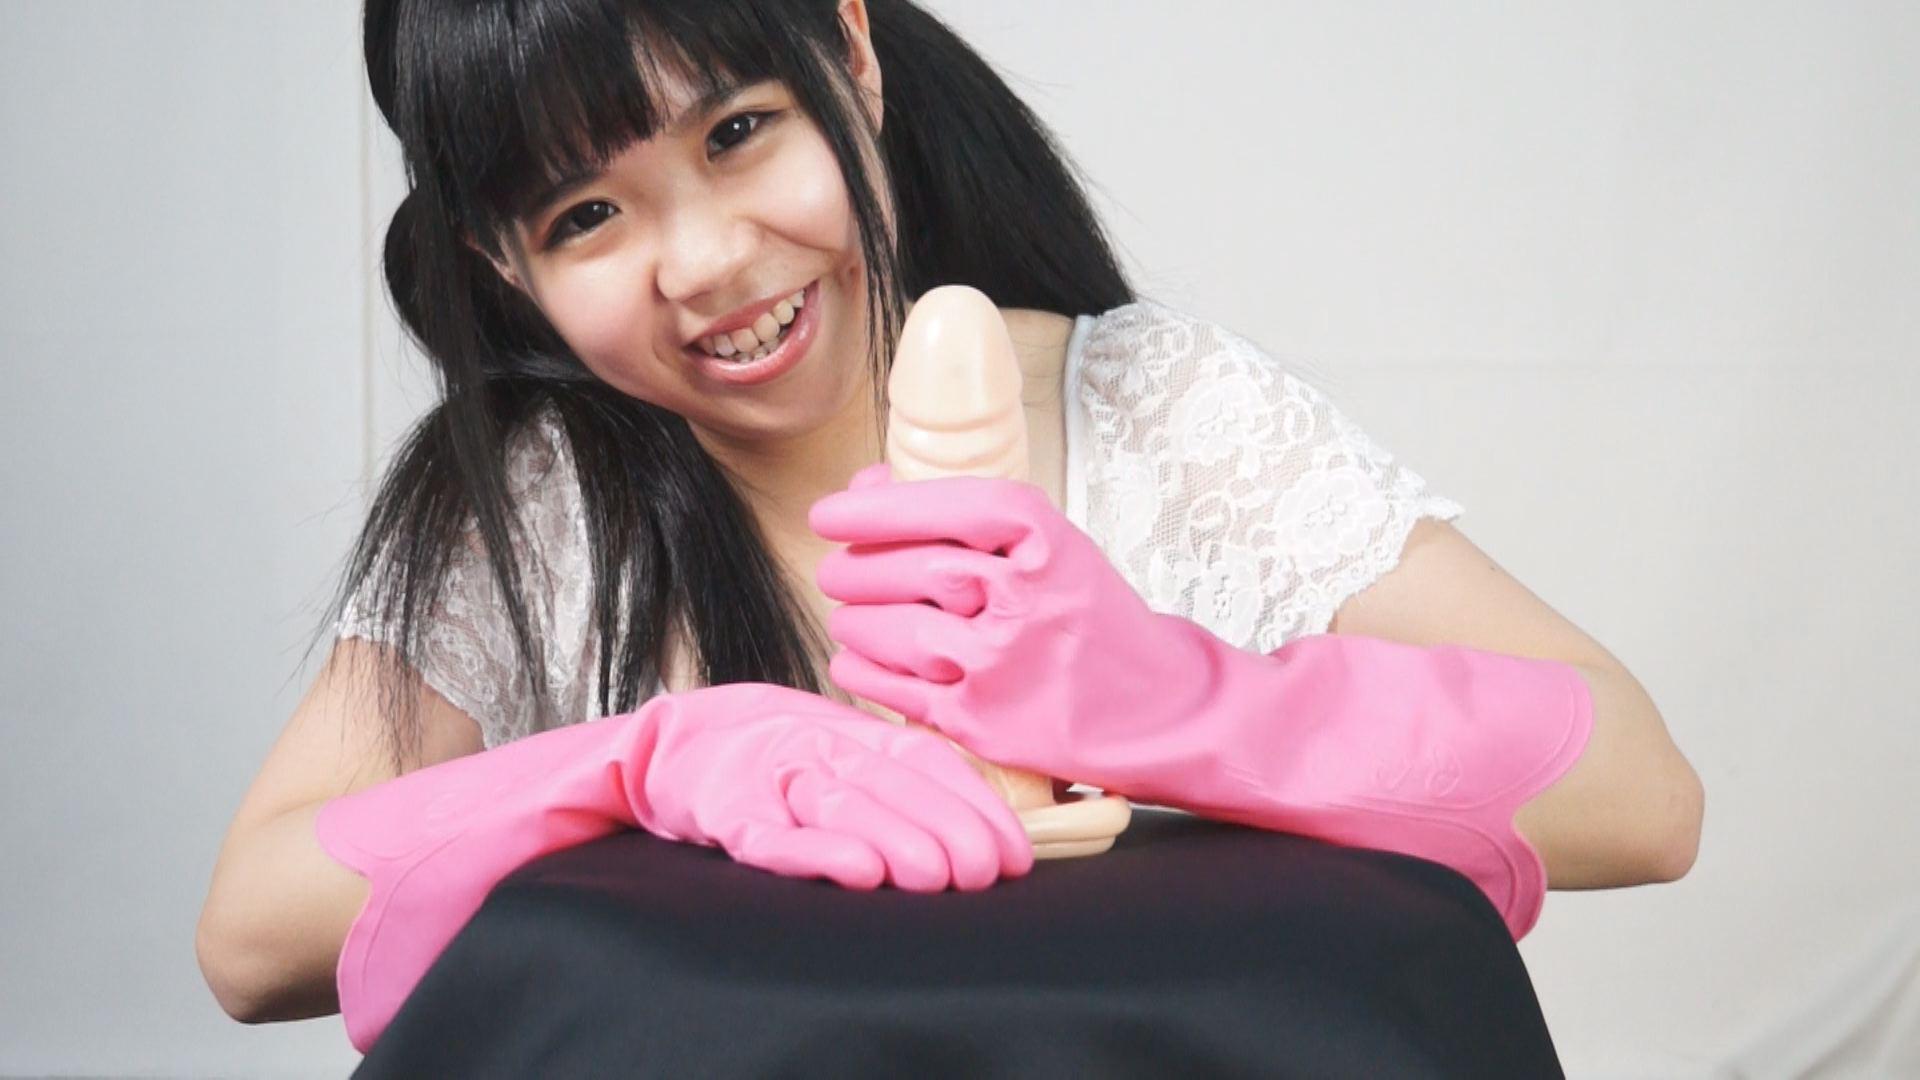 NEW ゴム手袋専科 7 サンプル画像08